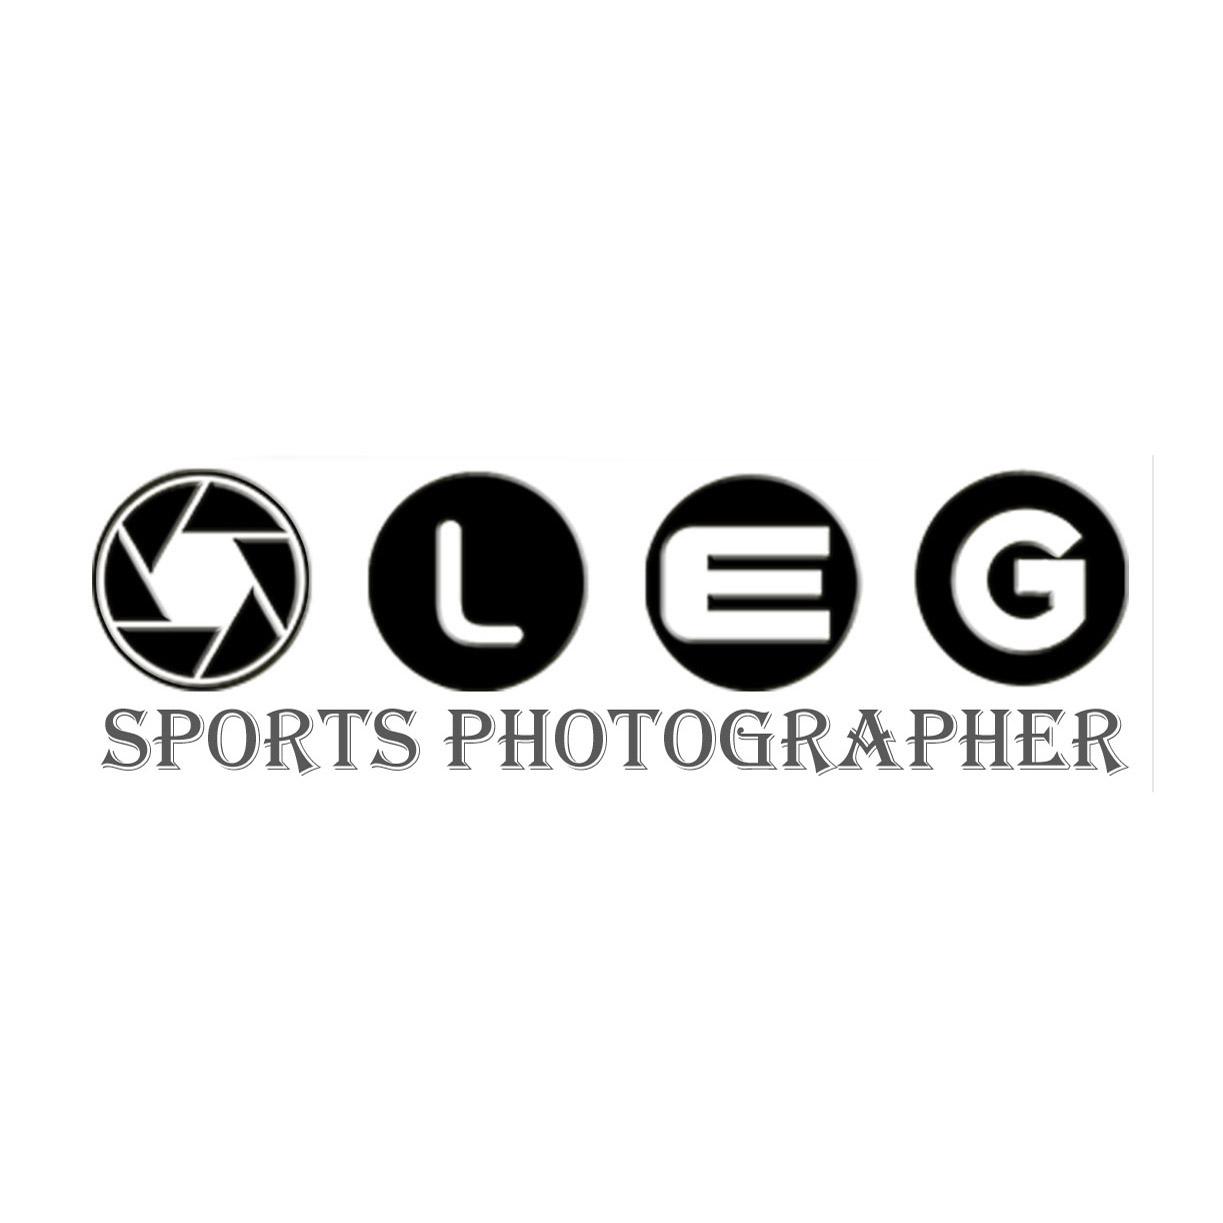 Олег Бухарев - спортивный фотограф